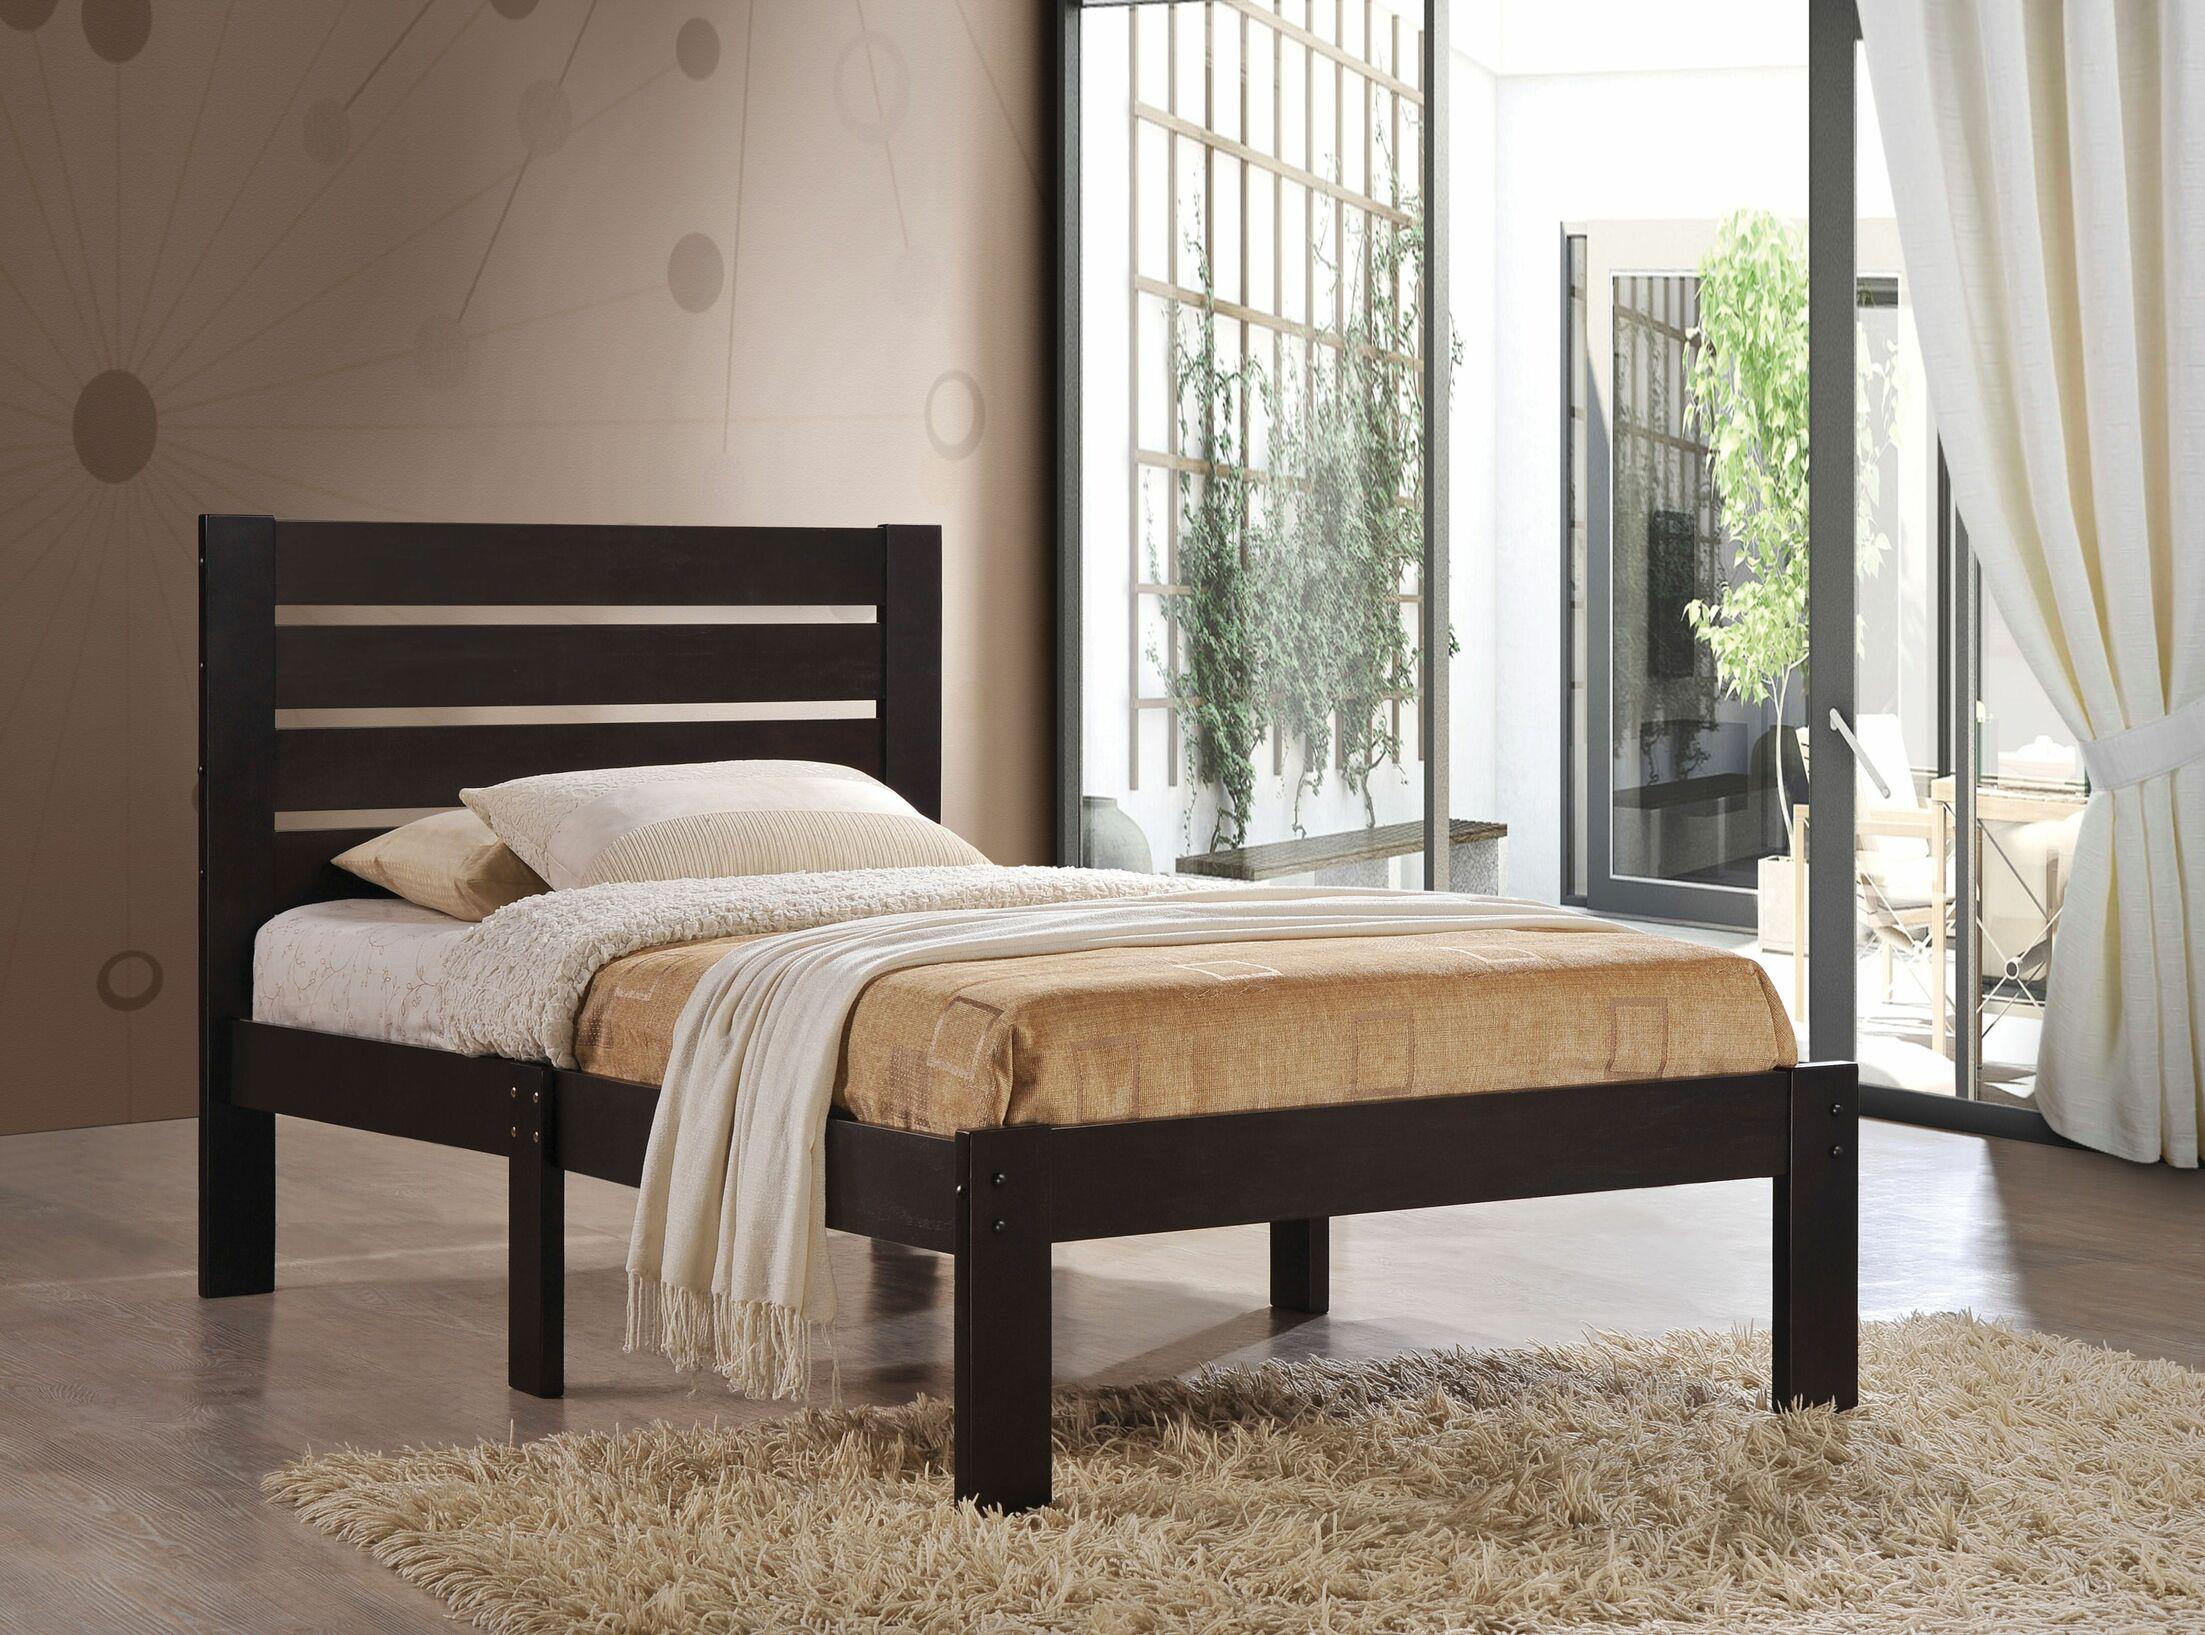 Ian Platform Bed Size: Queen